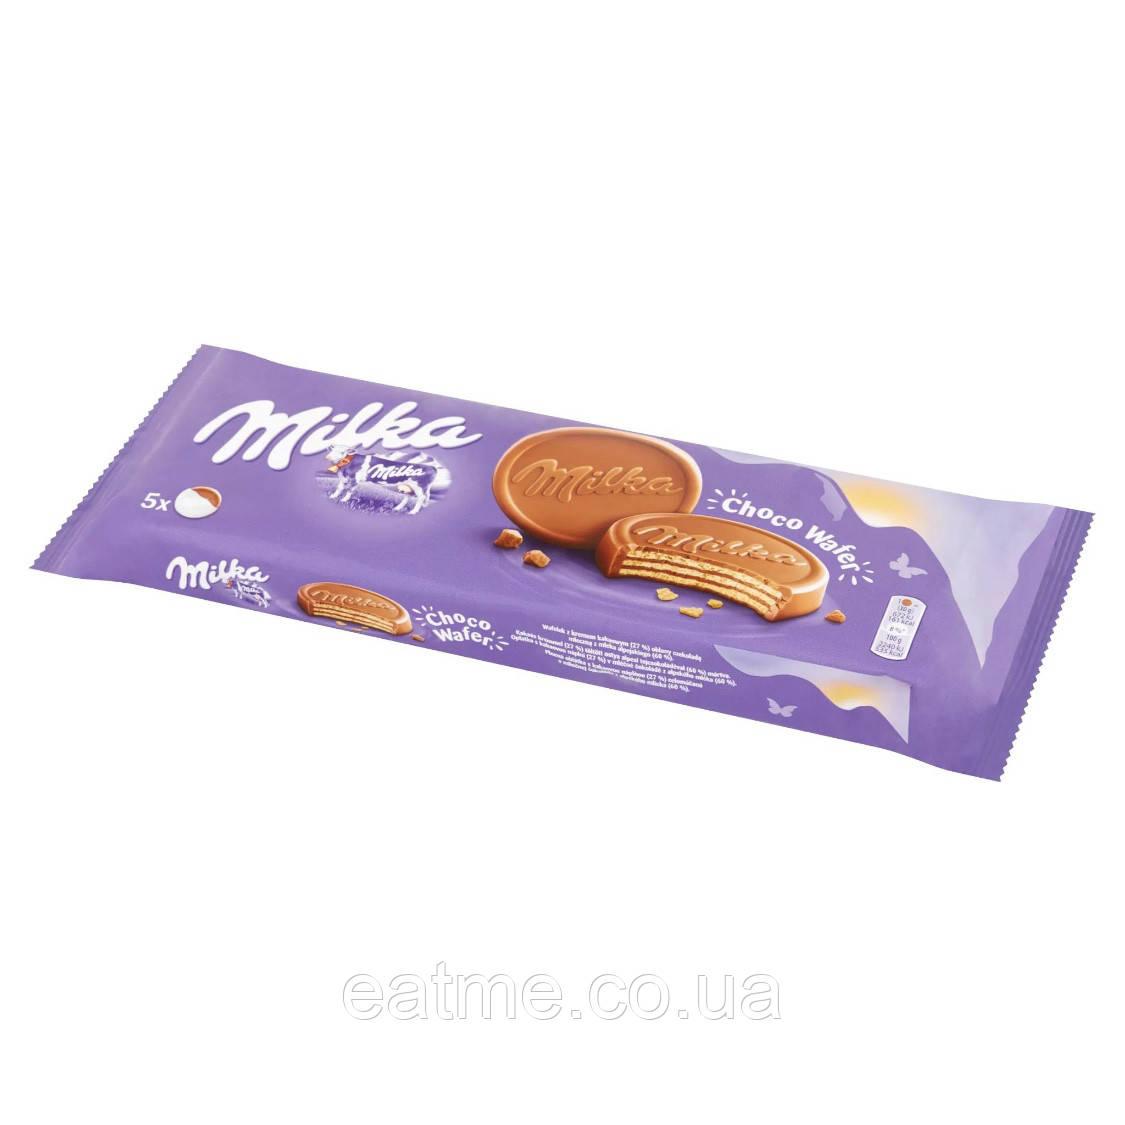 Milka Choco Wafer Вафли с шоколадной начинкой в молочном шоколаде